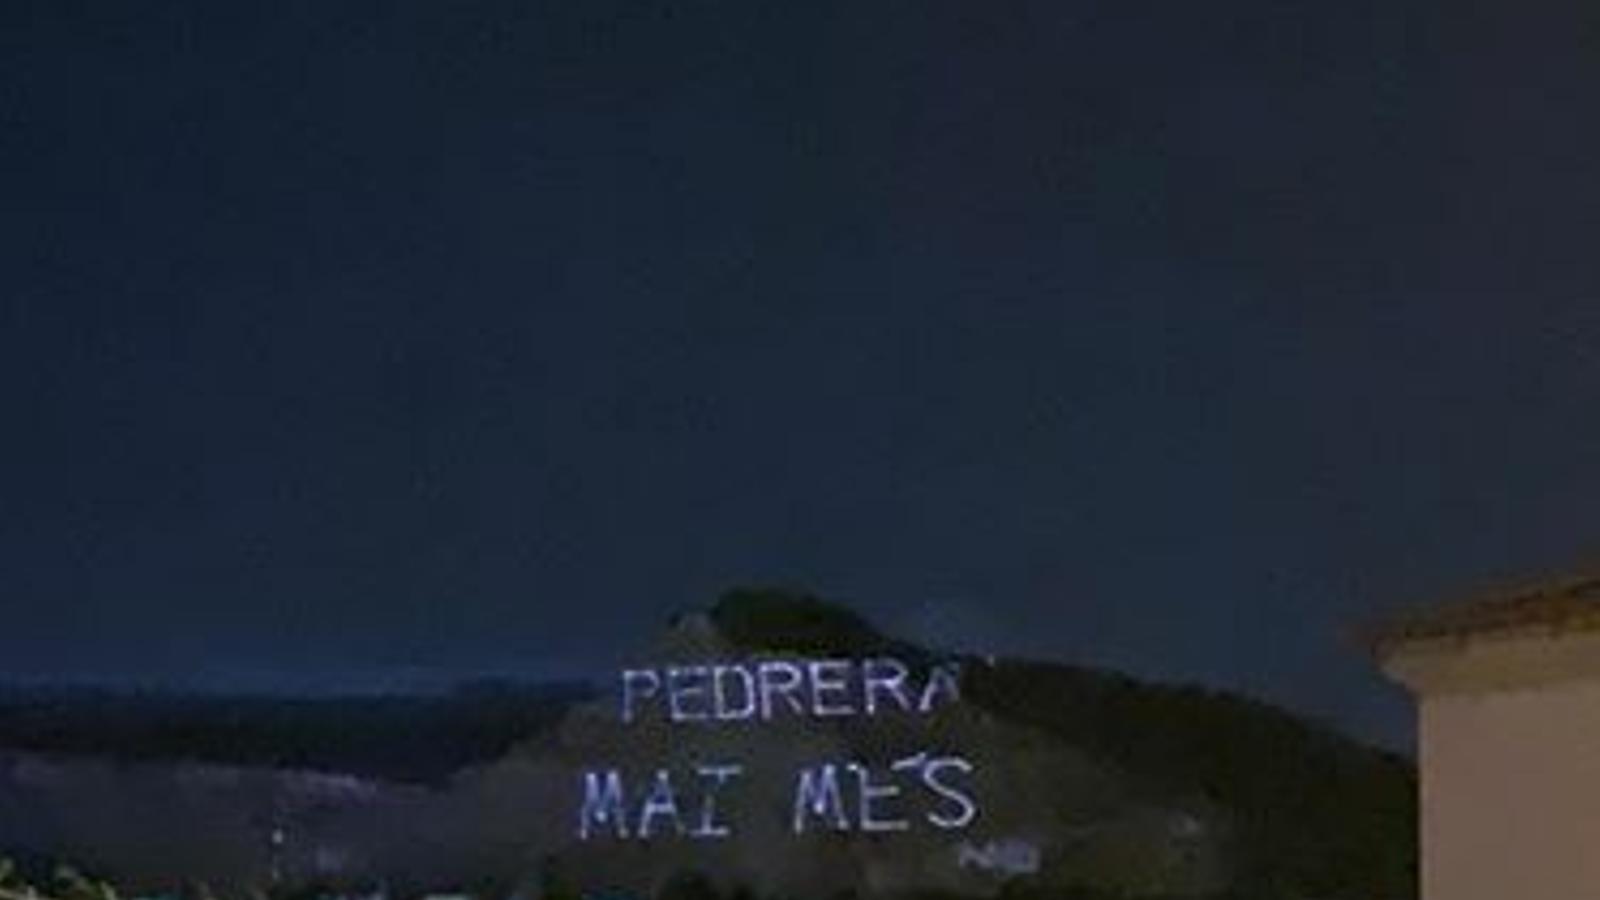 La pedrera d'Establiments s'il·lumina en forma de protesta: 'Pedrera mai més'